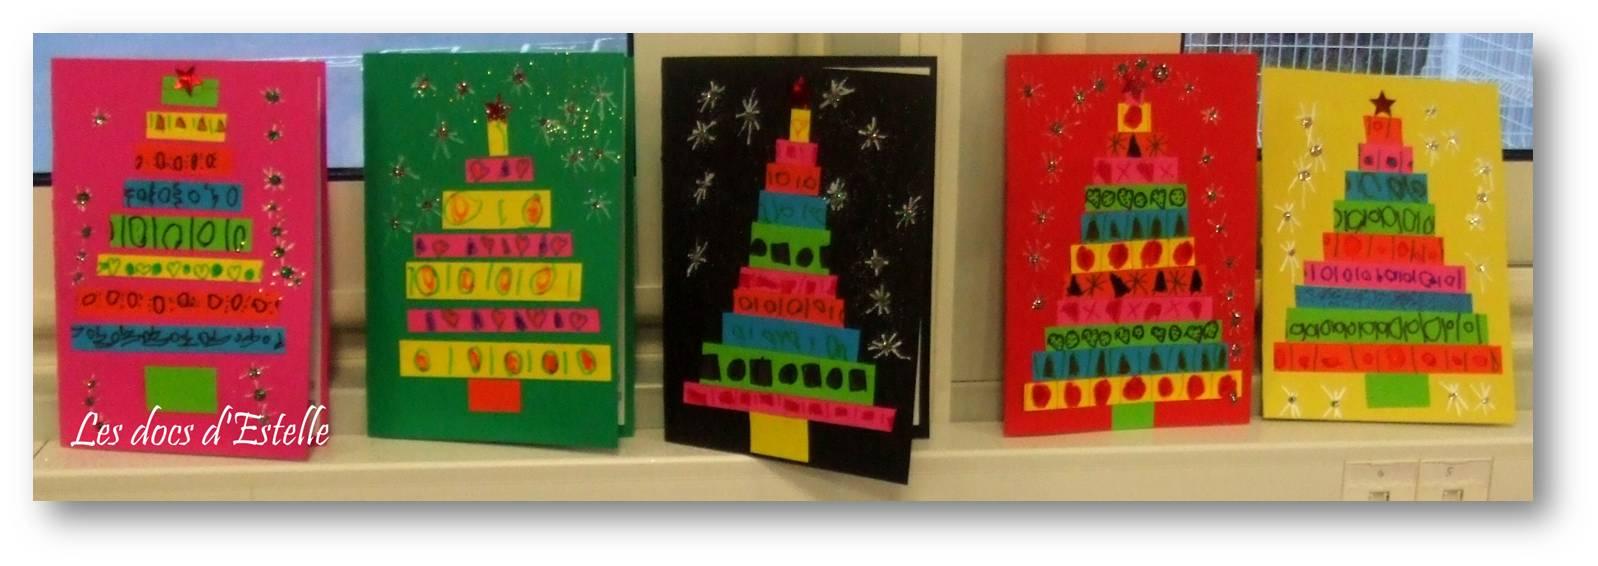 Des Cartes Pour Noël - Les Docs D'estelle destiné Cartes De Noel Maternelle